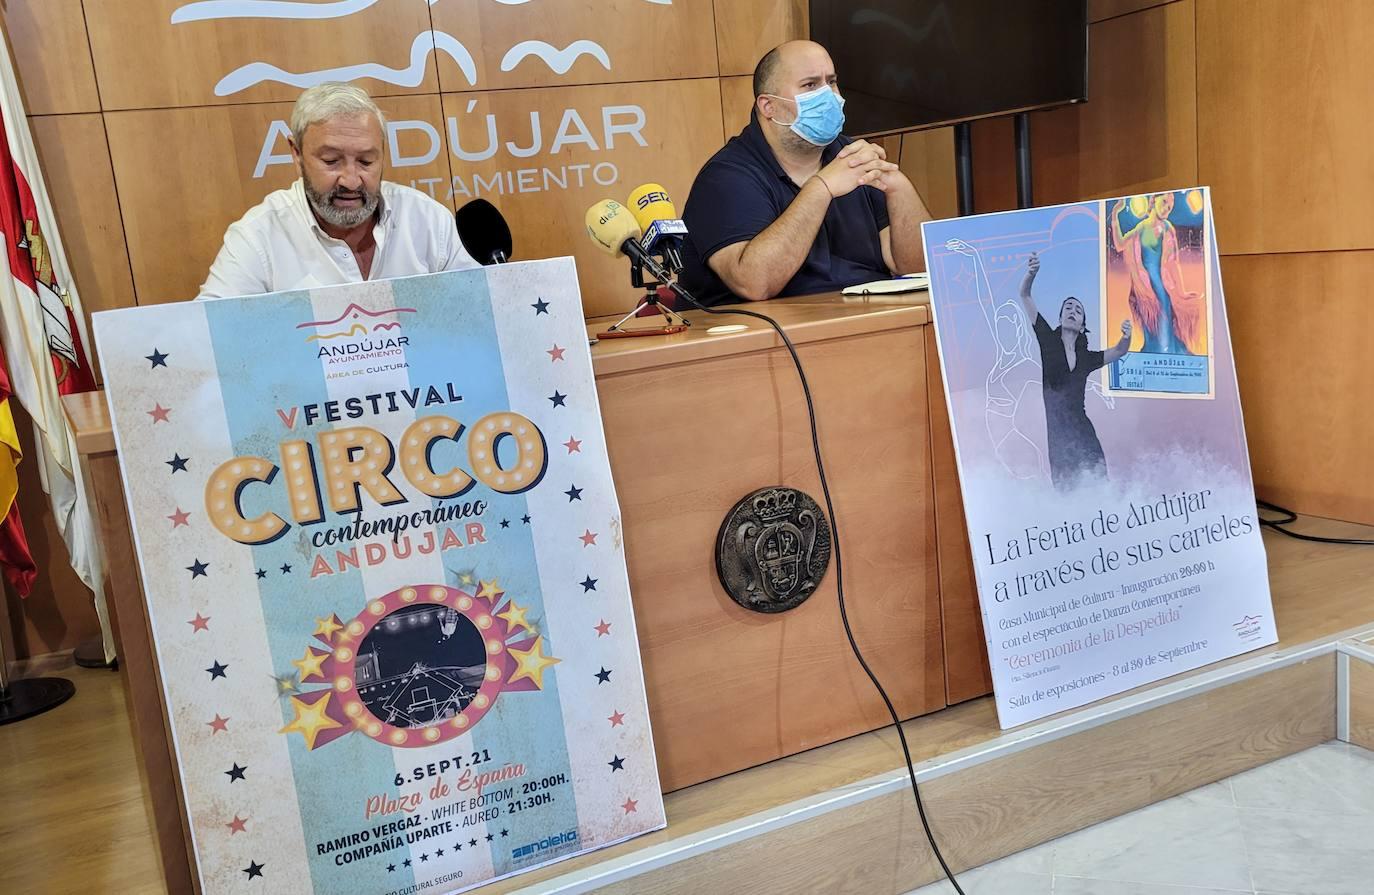 El Ayuntamiento de Andújar presenta una programación «alternativa»a la feria entre los días 6 y 13 de septiembre